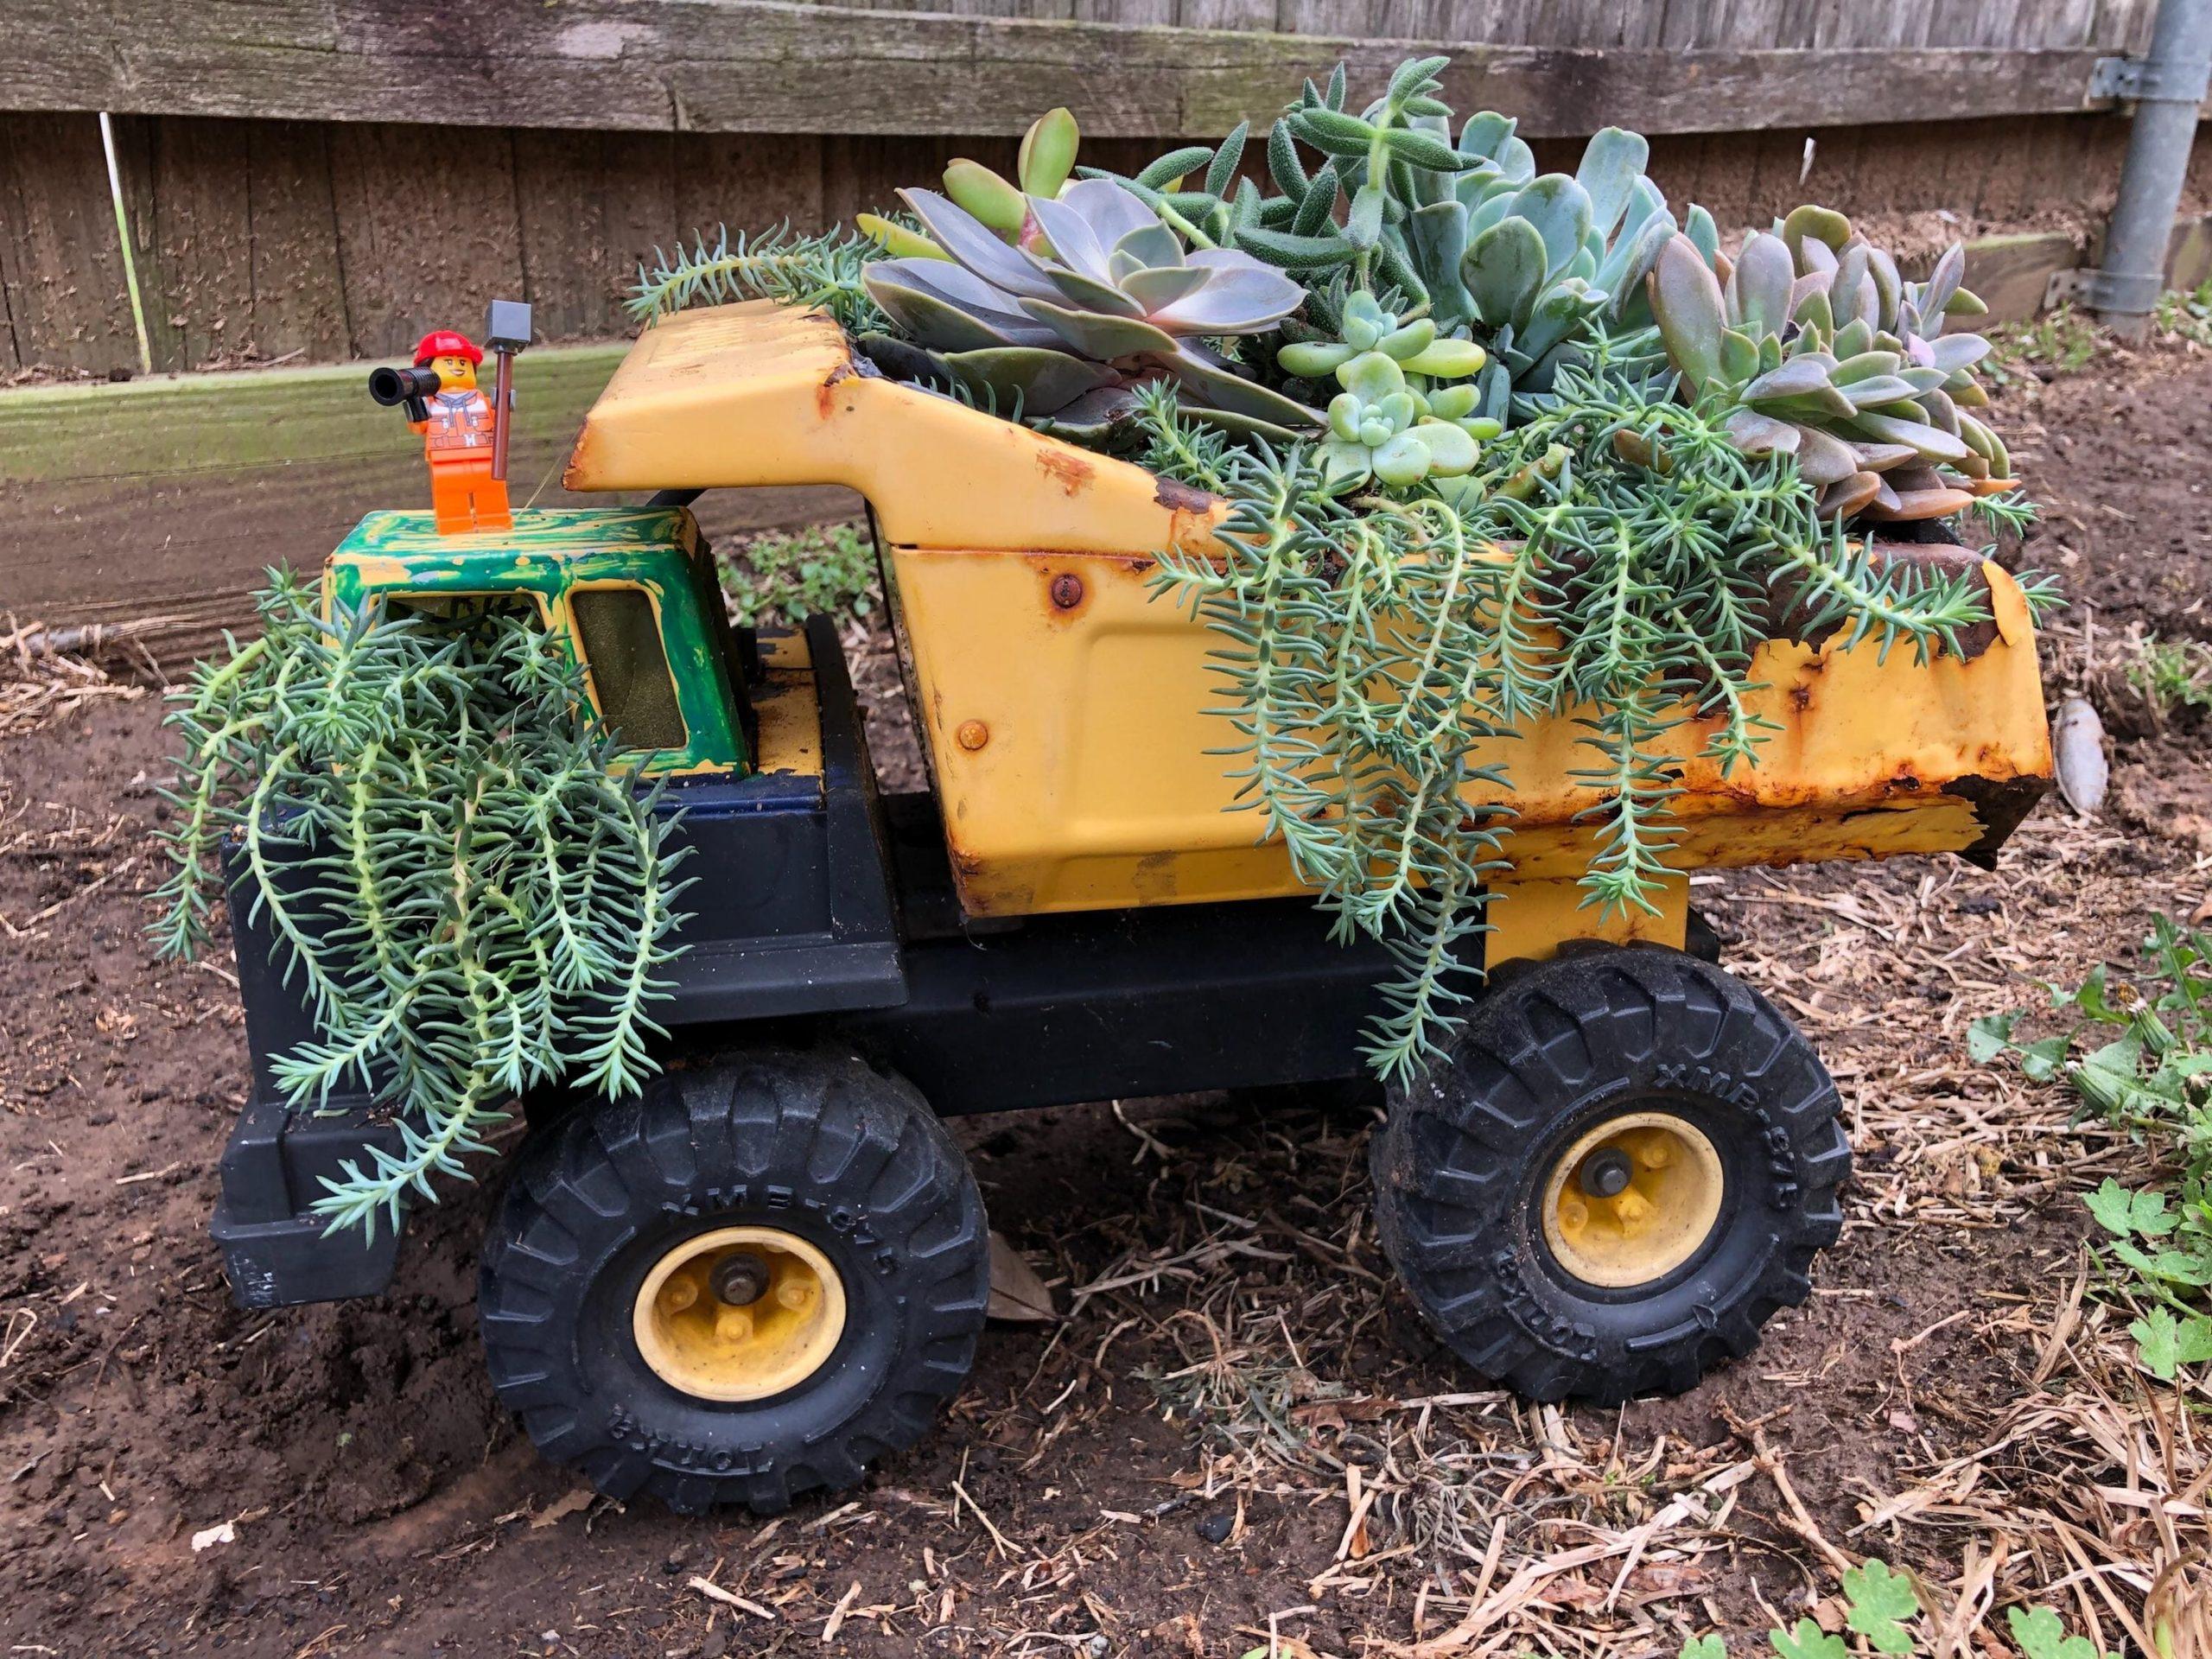 3.Simphome.com Rustic Toy Truck 1